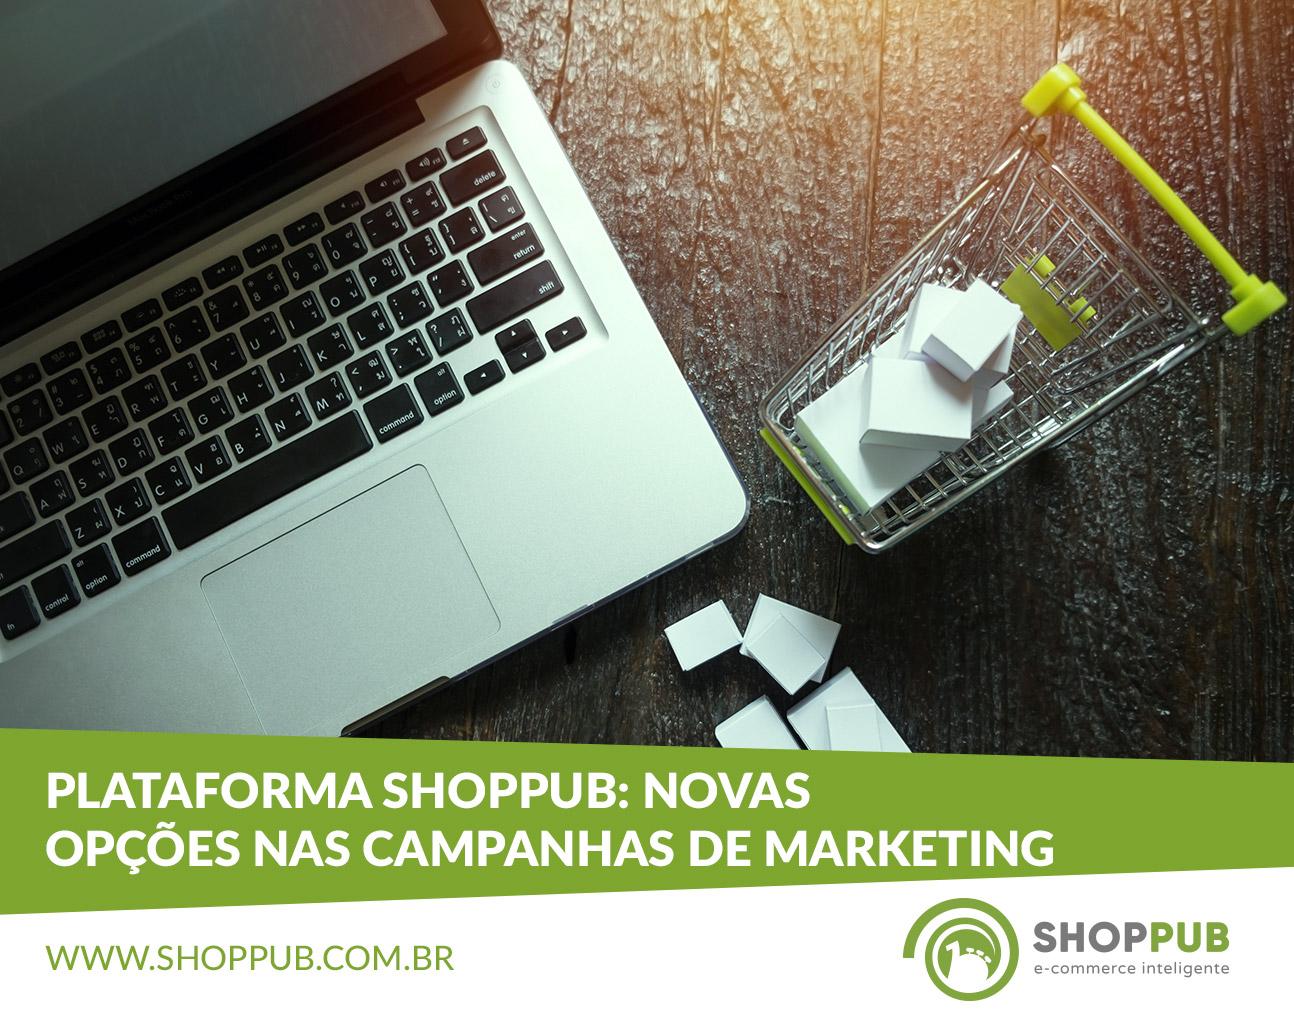 Plataforma Shoppub: Novas opções nas campanhas de marketing